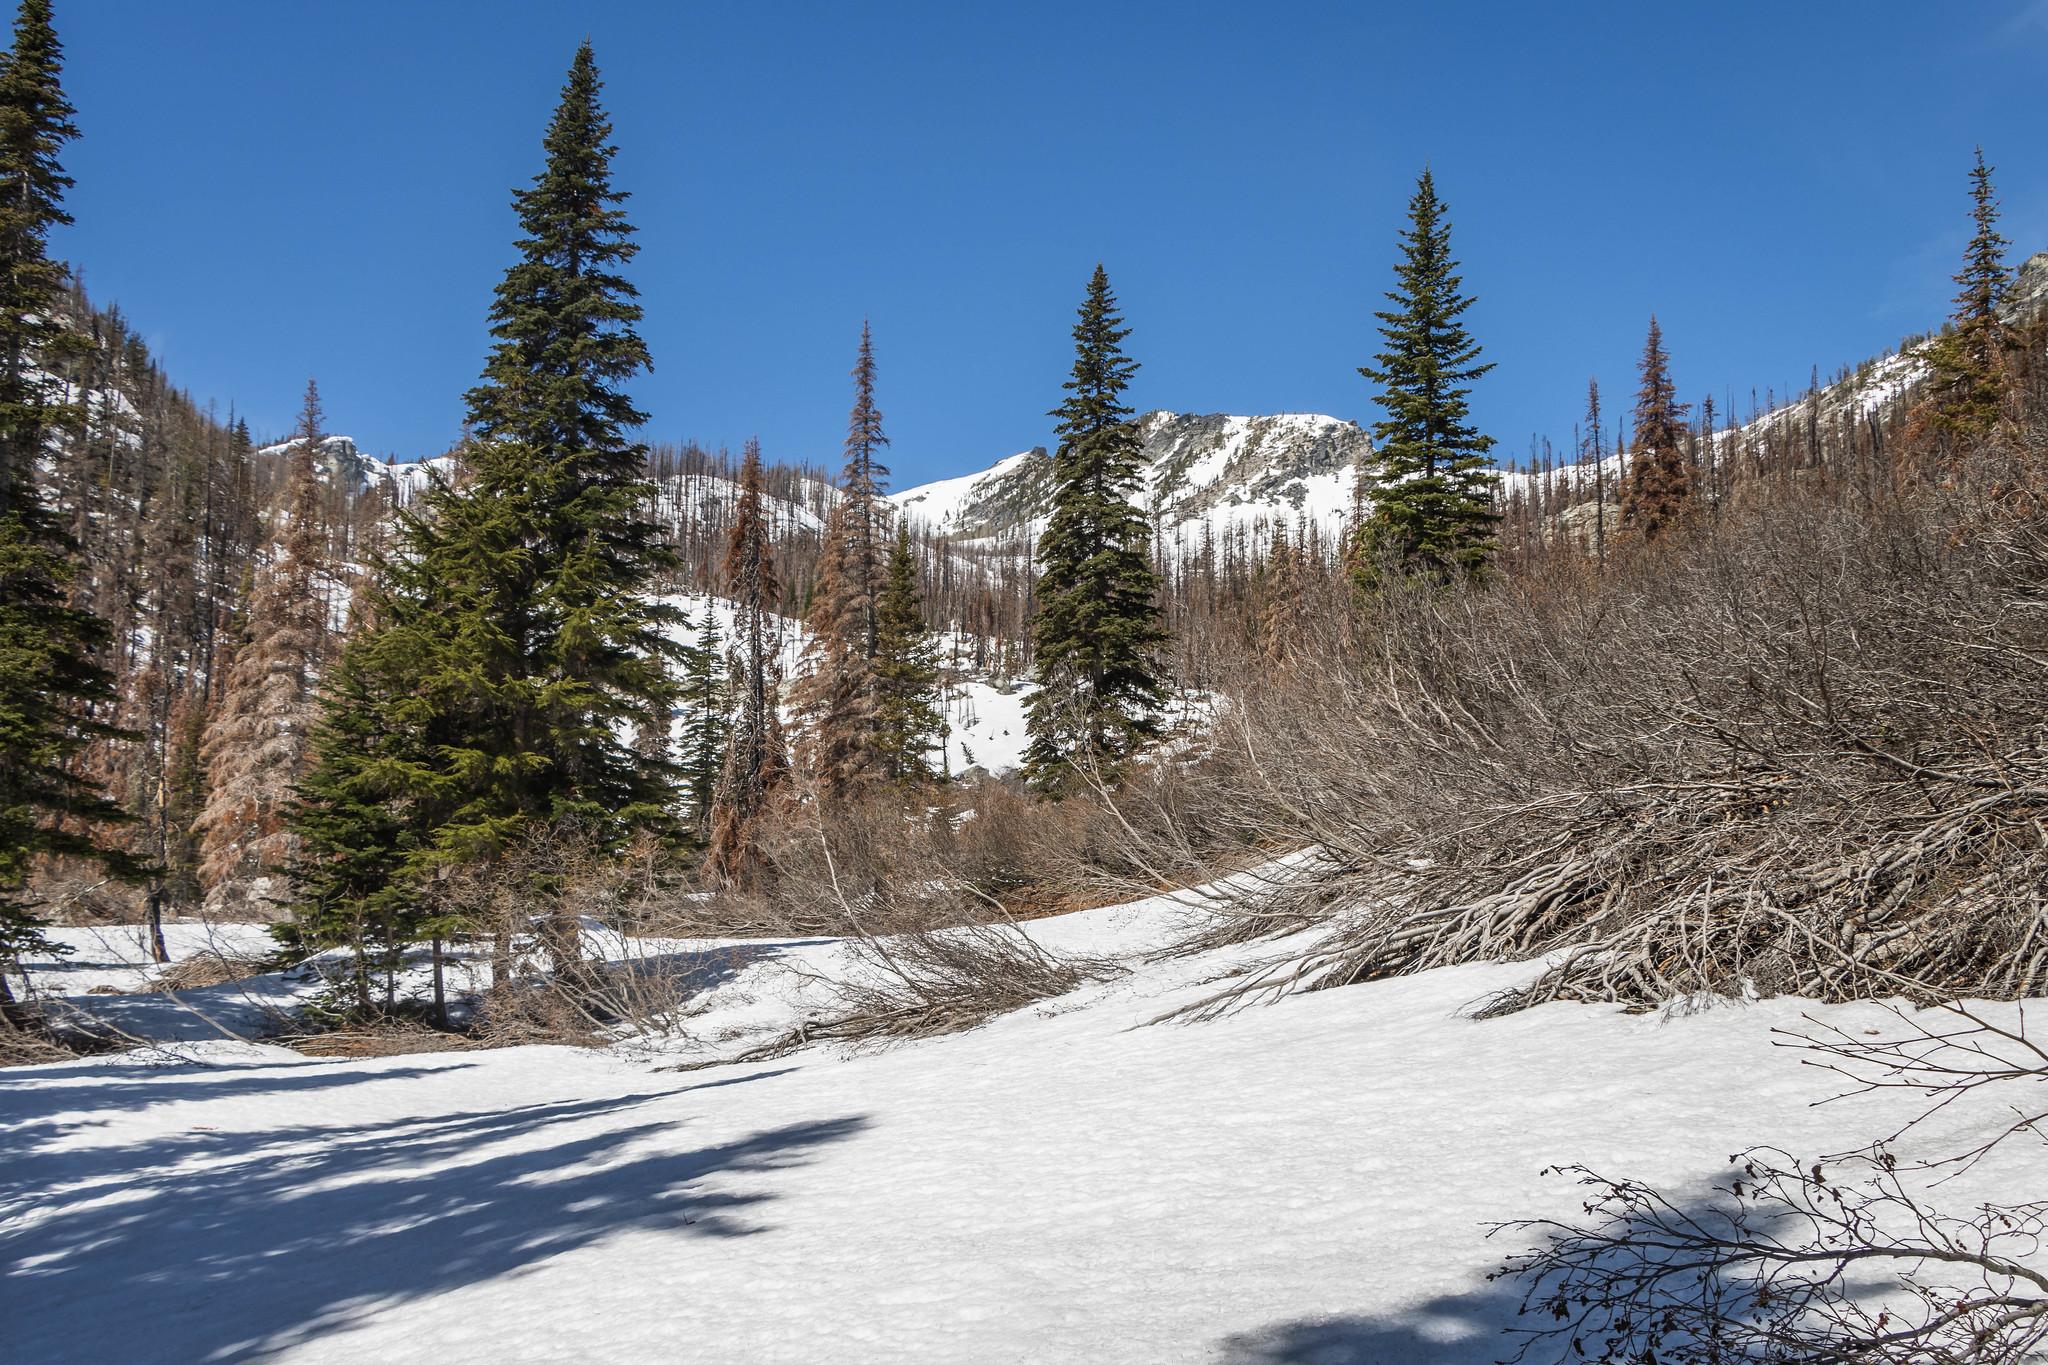 This way to Rennie Peak